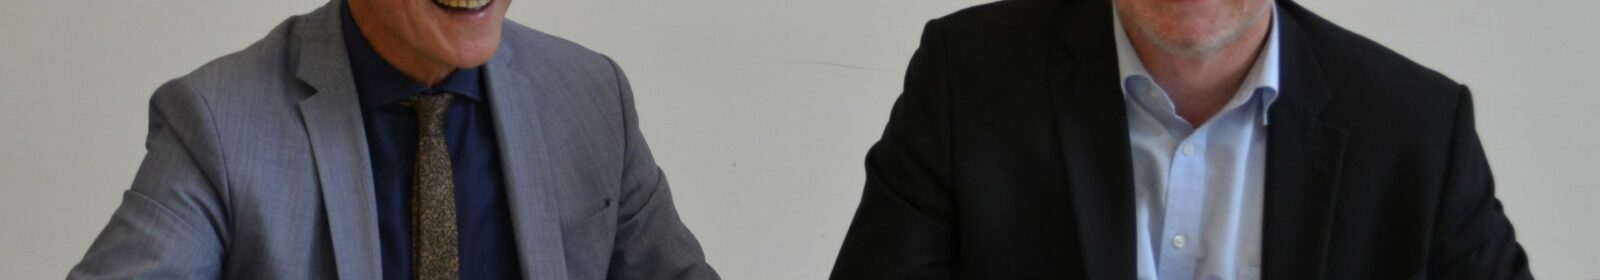 Vertragsunterzeichnung von Geschäftsführer der Stiftung Mercator, Winfried Kneip und Kultusminister Ulrich Commerçon, v.l.n.r.